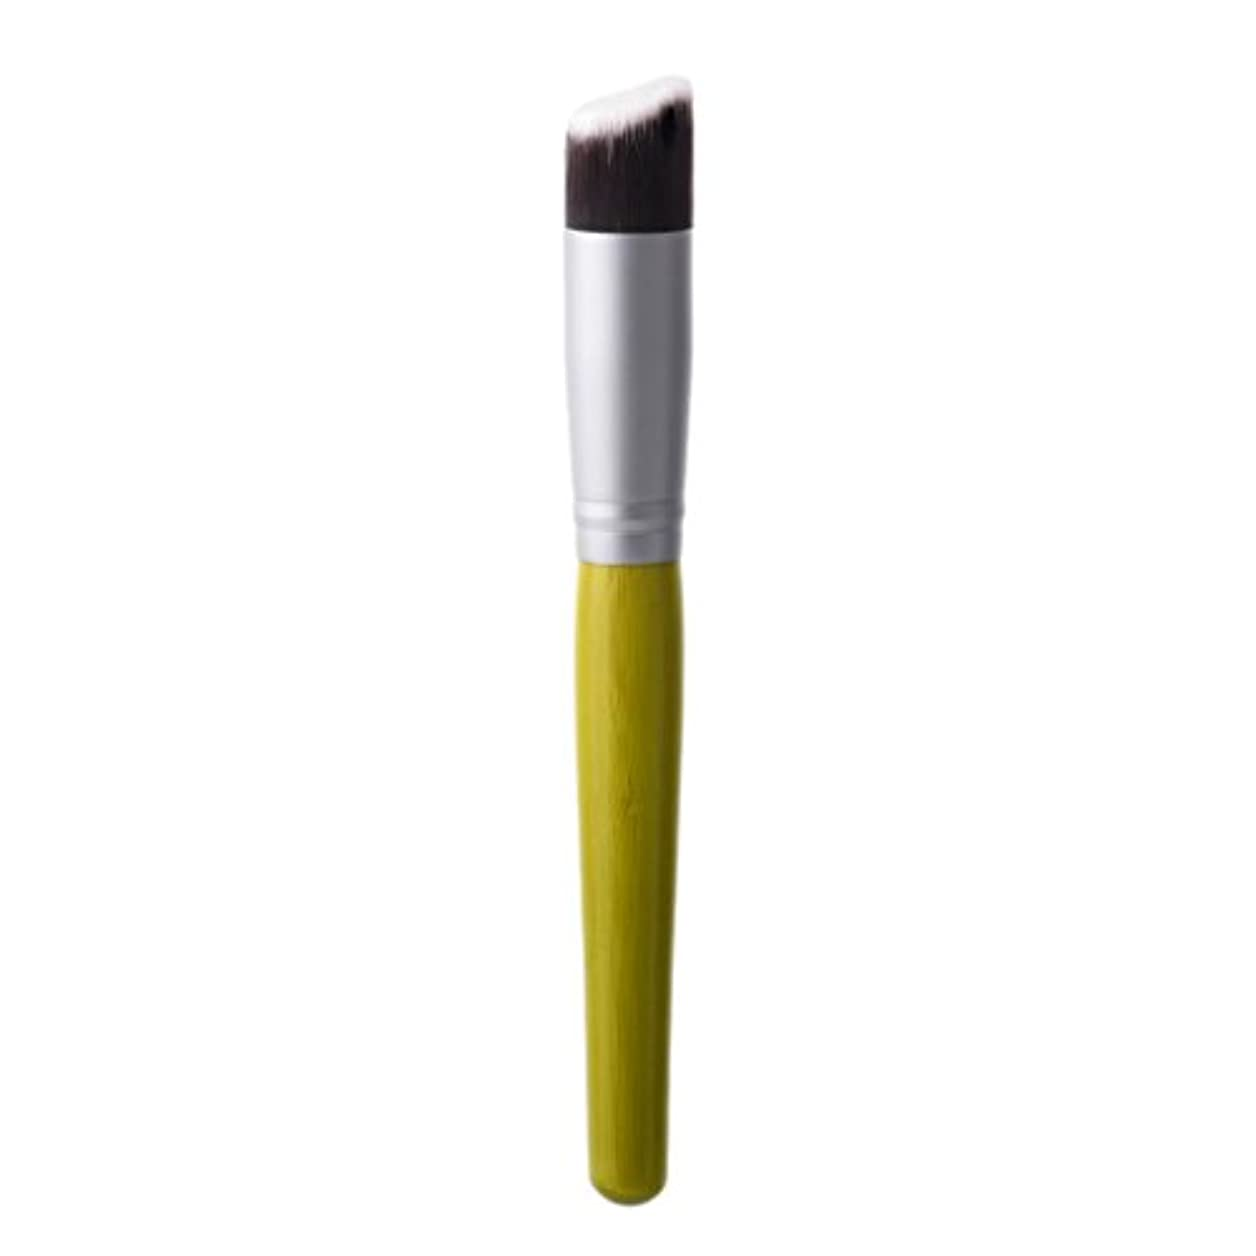 わずかな告発解釈するKesoto メイクブラシ 竹角 フラットトップ バッファブラシ リキッド ファンデーション ブロンザー 化粧道具